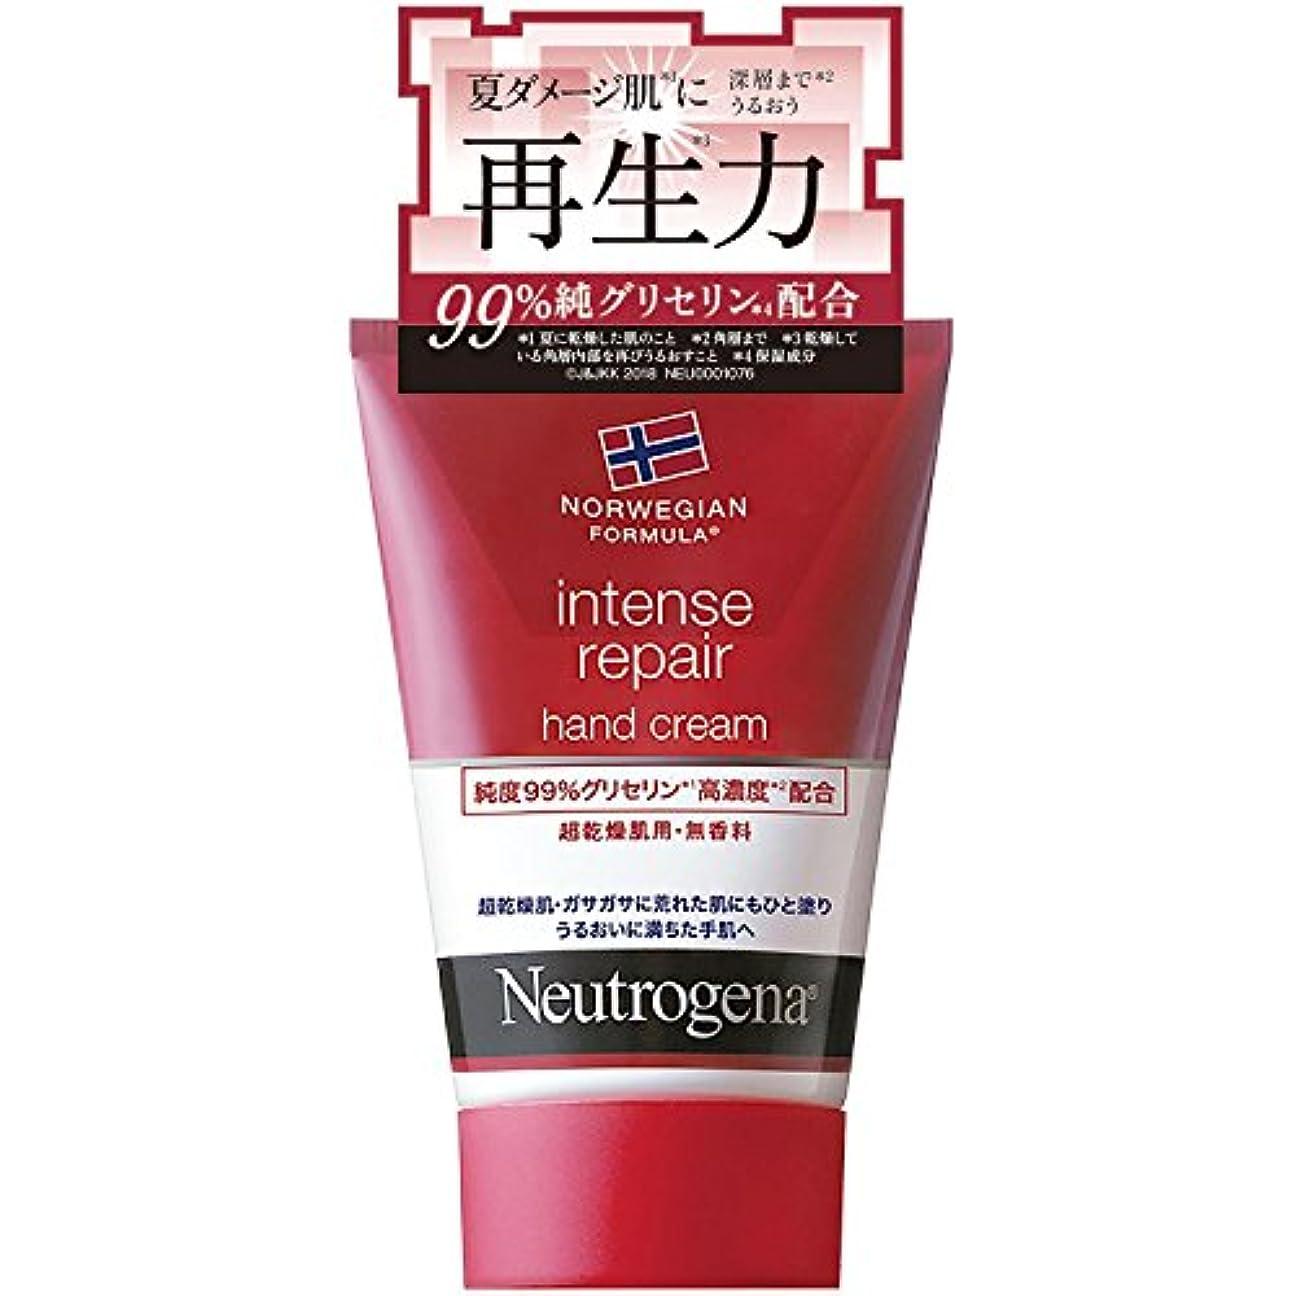 コメントさまよう画像Neutrogena(ニュートロジーナ) ノルウェーフォーミュラ インテンスリペア ハンドクリーム 超乾燥肌用 無香料 単品 50g